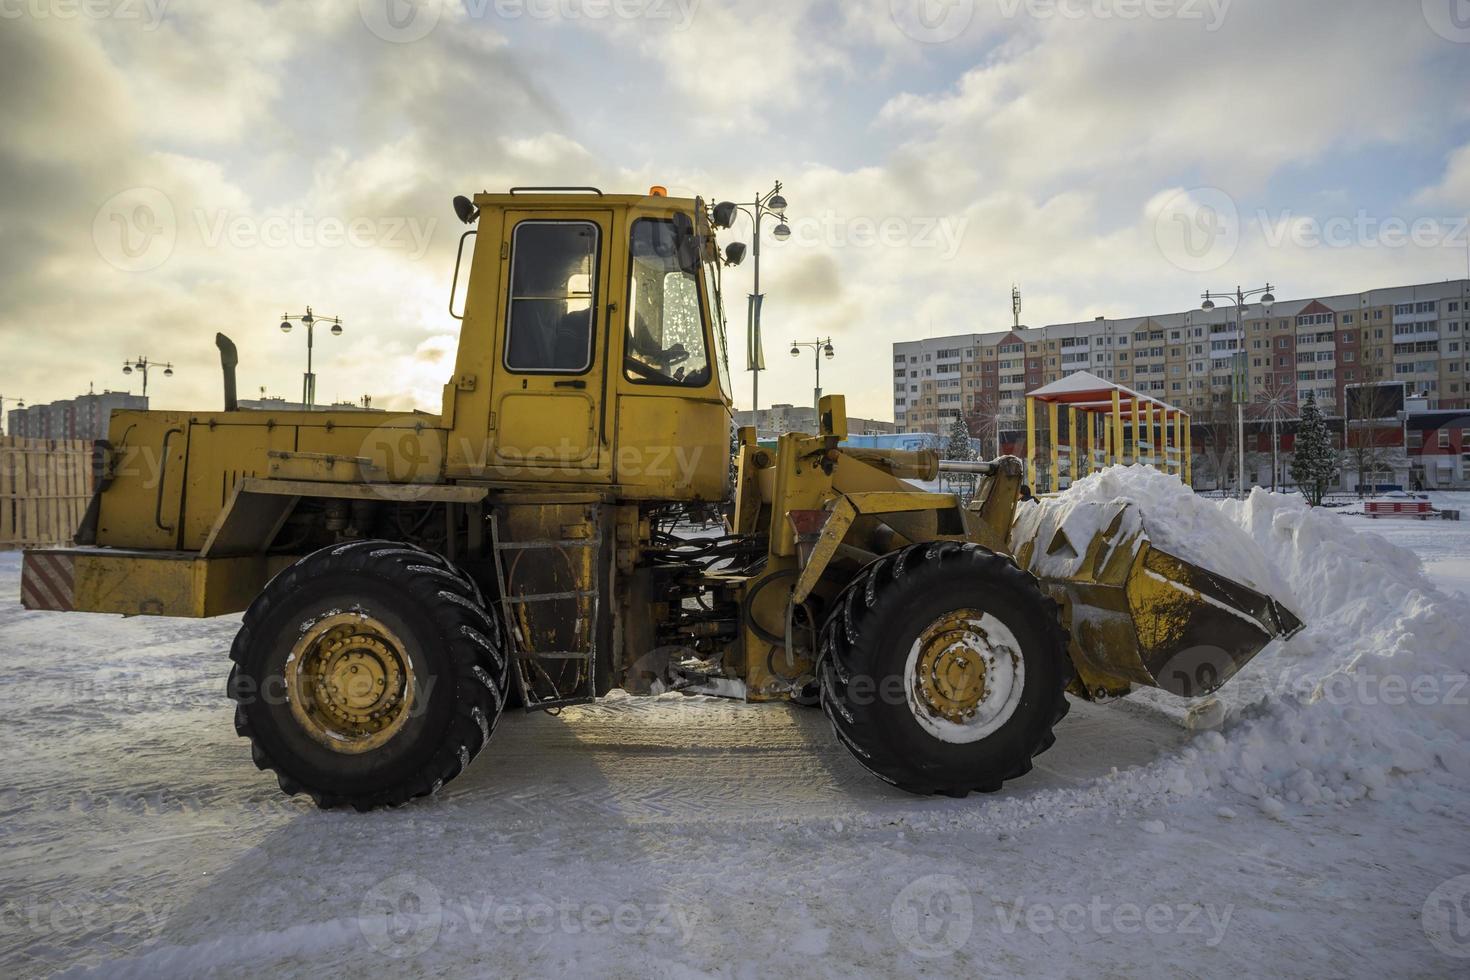 tractor schop sneeuw in een stapel op straat. foto